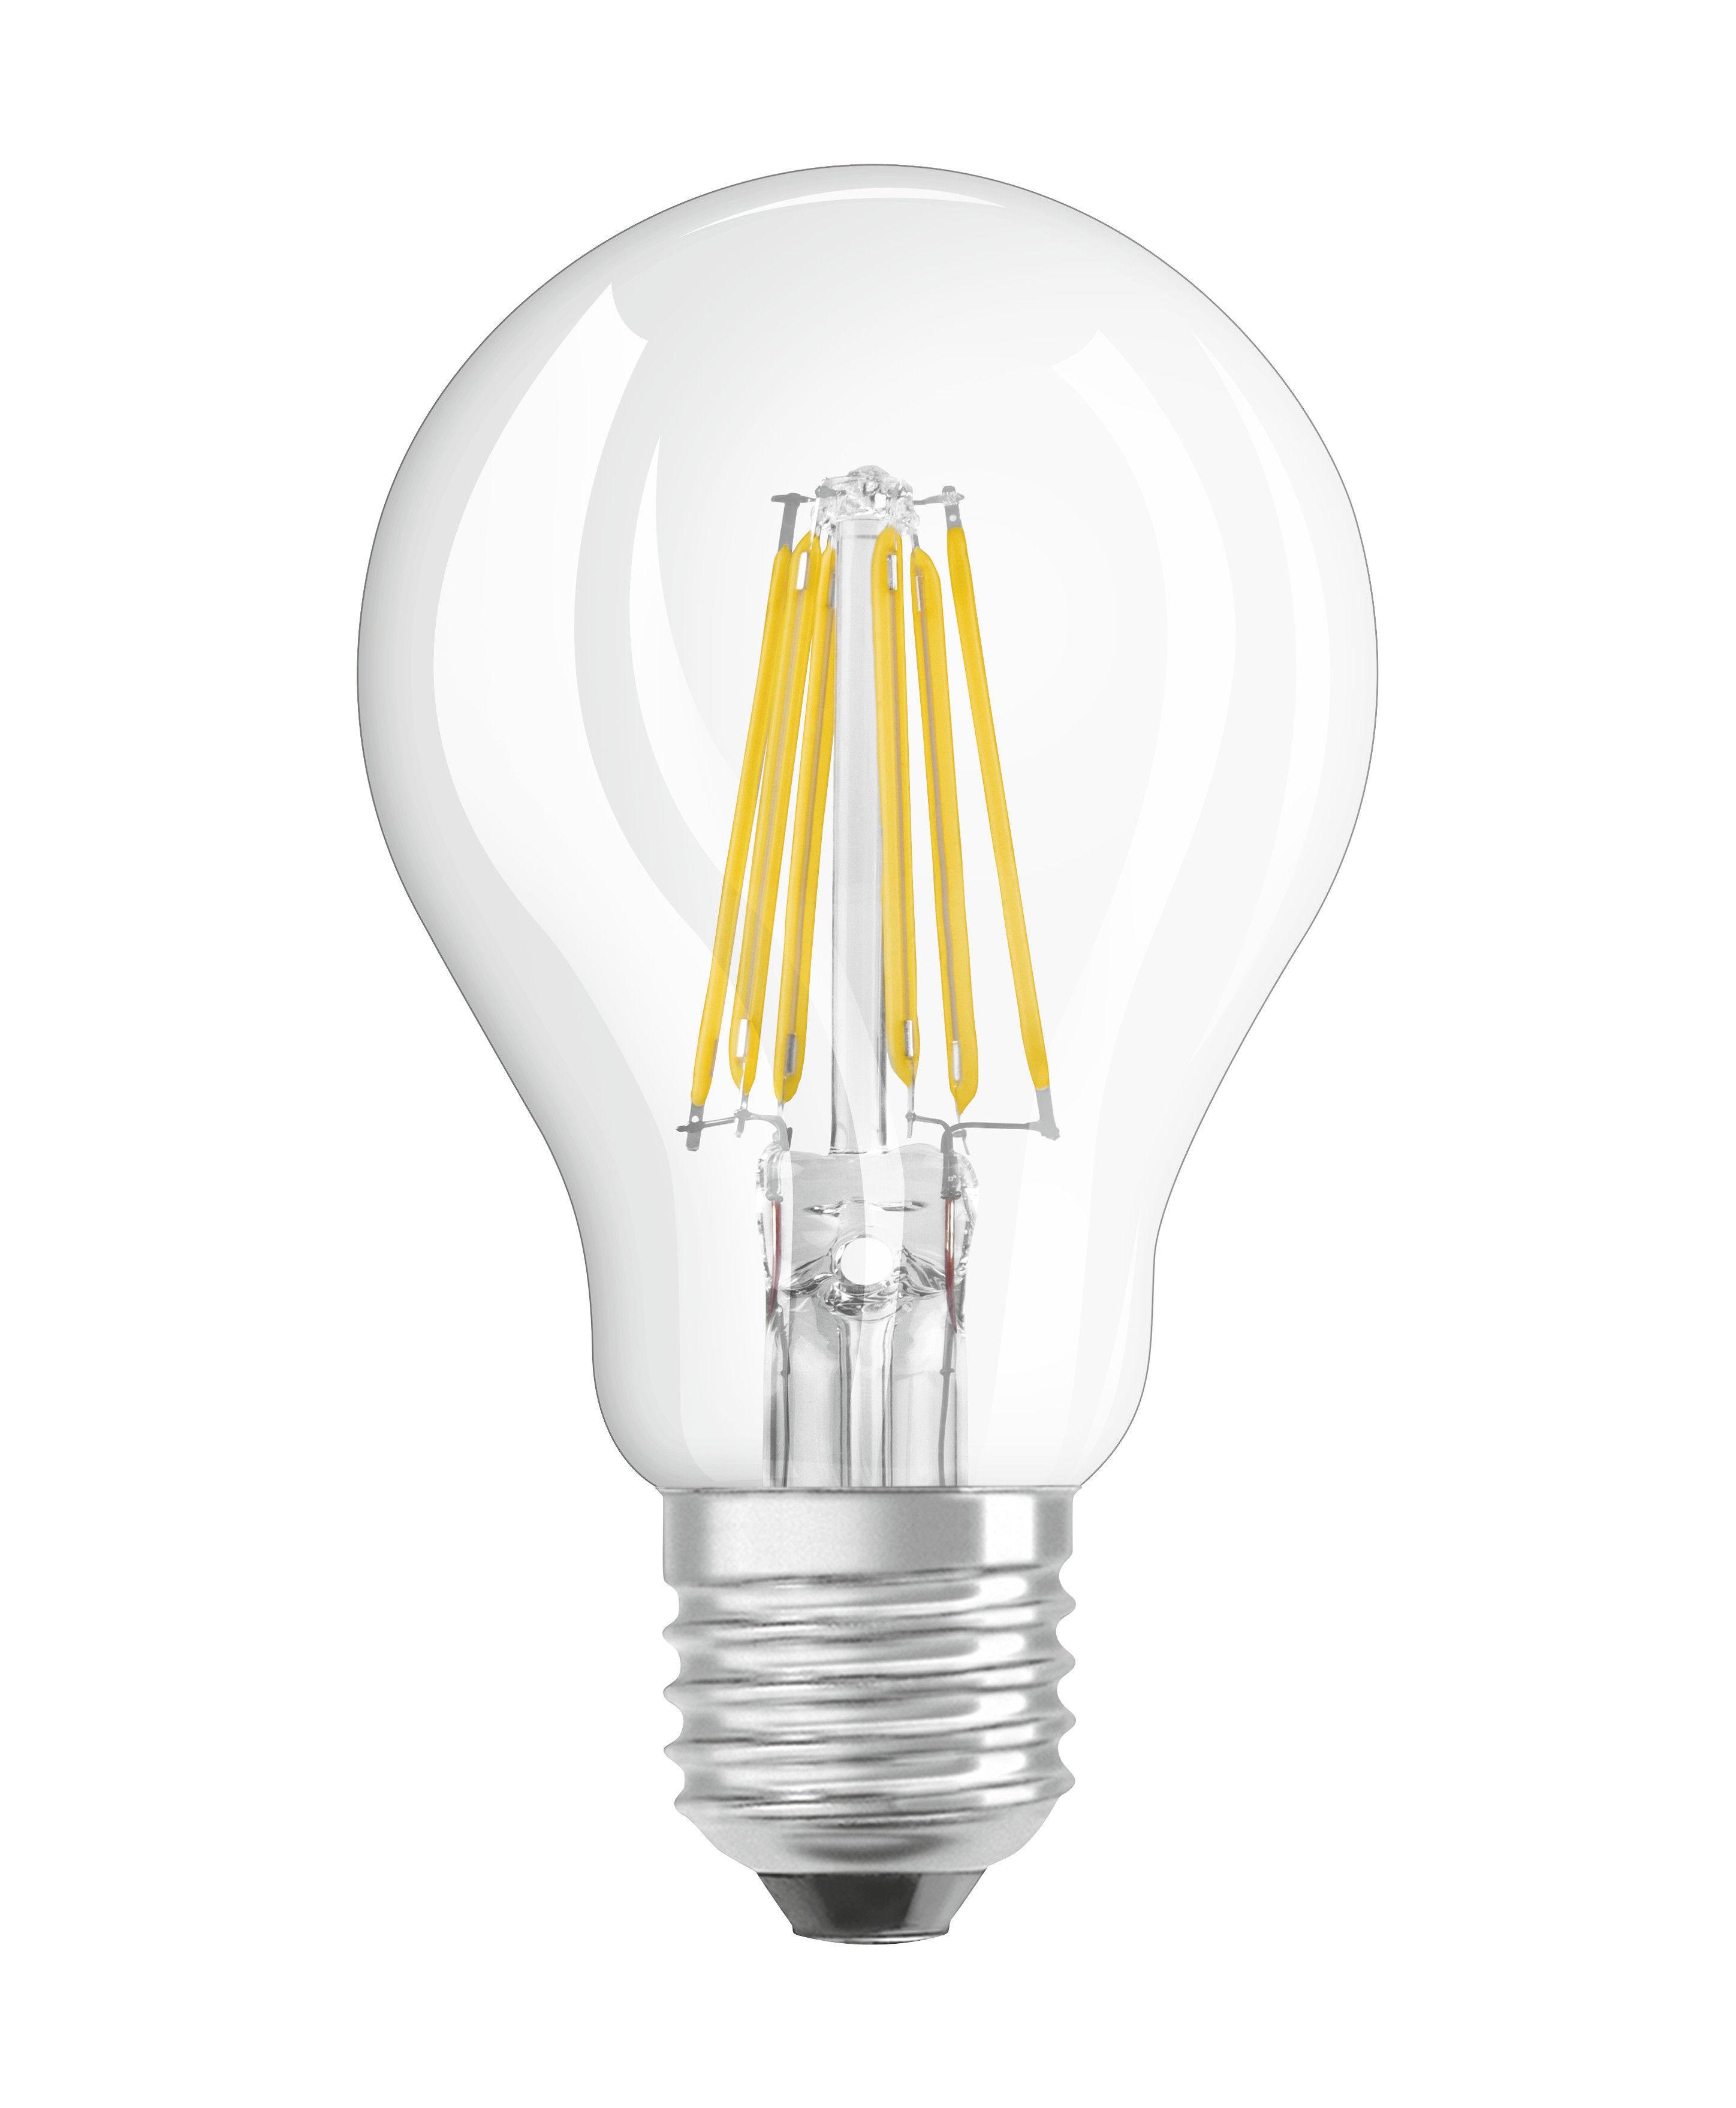 Luminaire - Ampoules et accessoires - Ampoule LED E27 / Standard claire - 8W=75W (2700K, blanc chaud) - Osram - 8W=75W - Verre